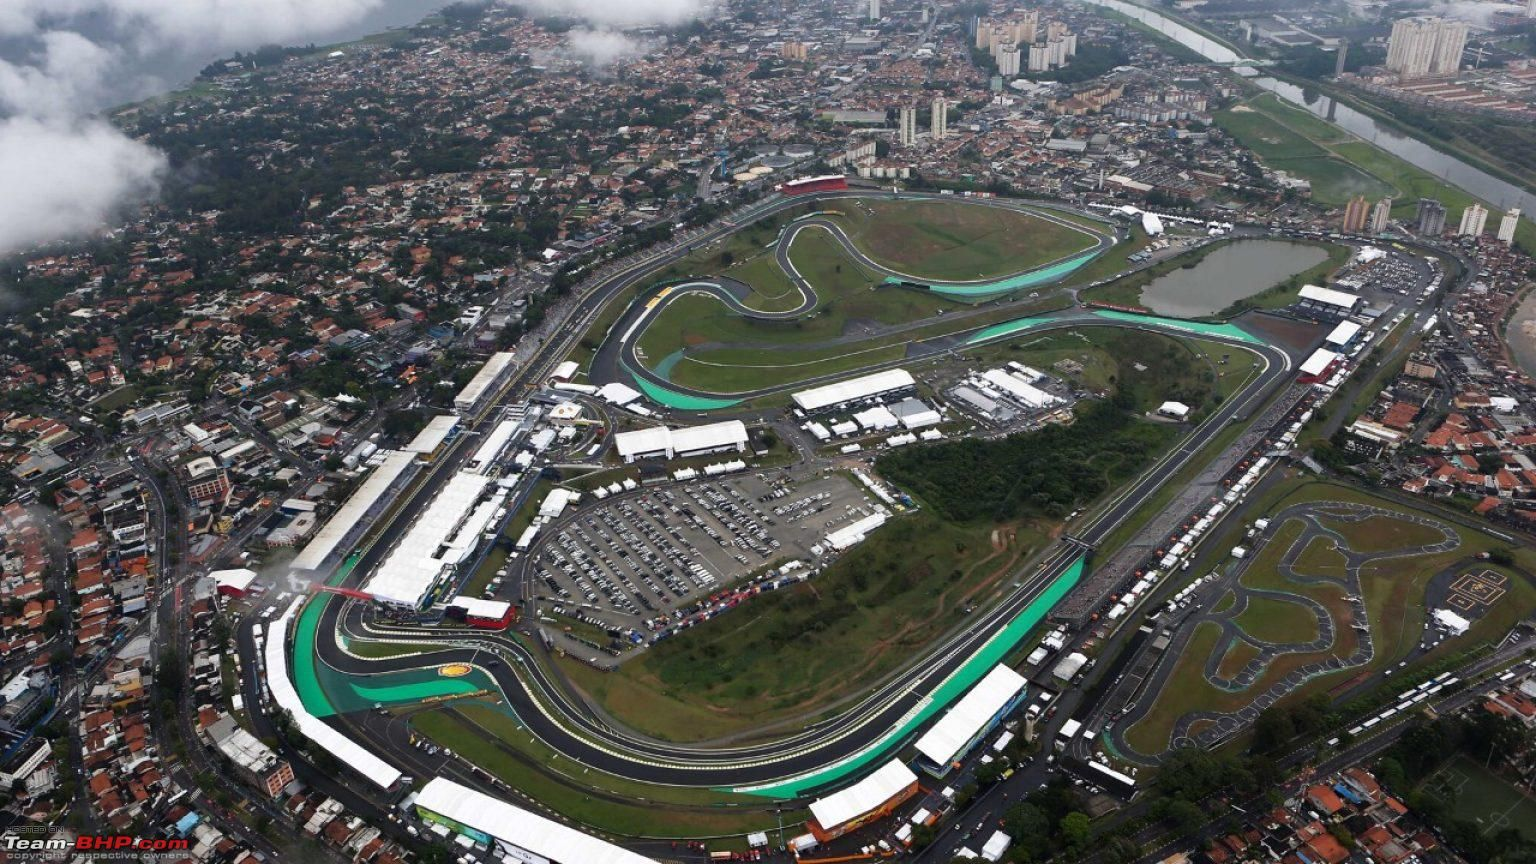 Vista dall'alto del circuito di Interlagos, intitolato alla memoria di Carlos Pace (foto da: team-bhp.com)